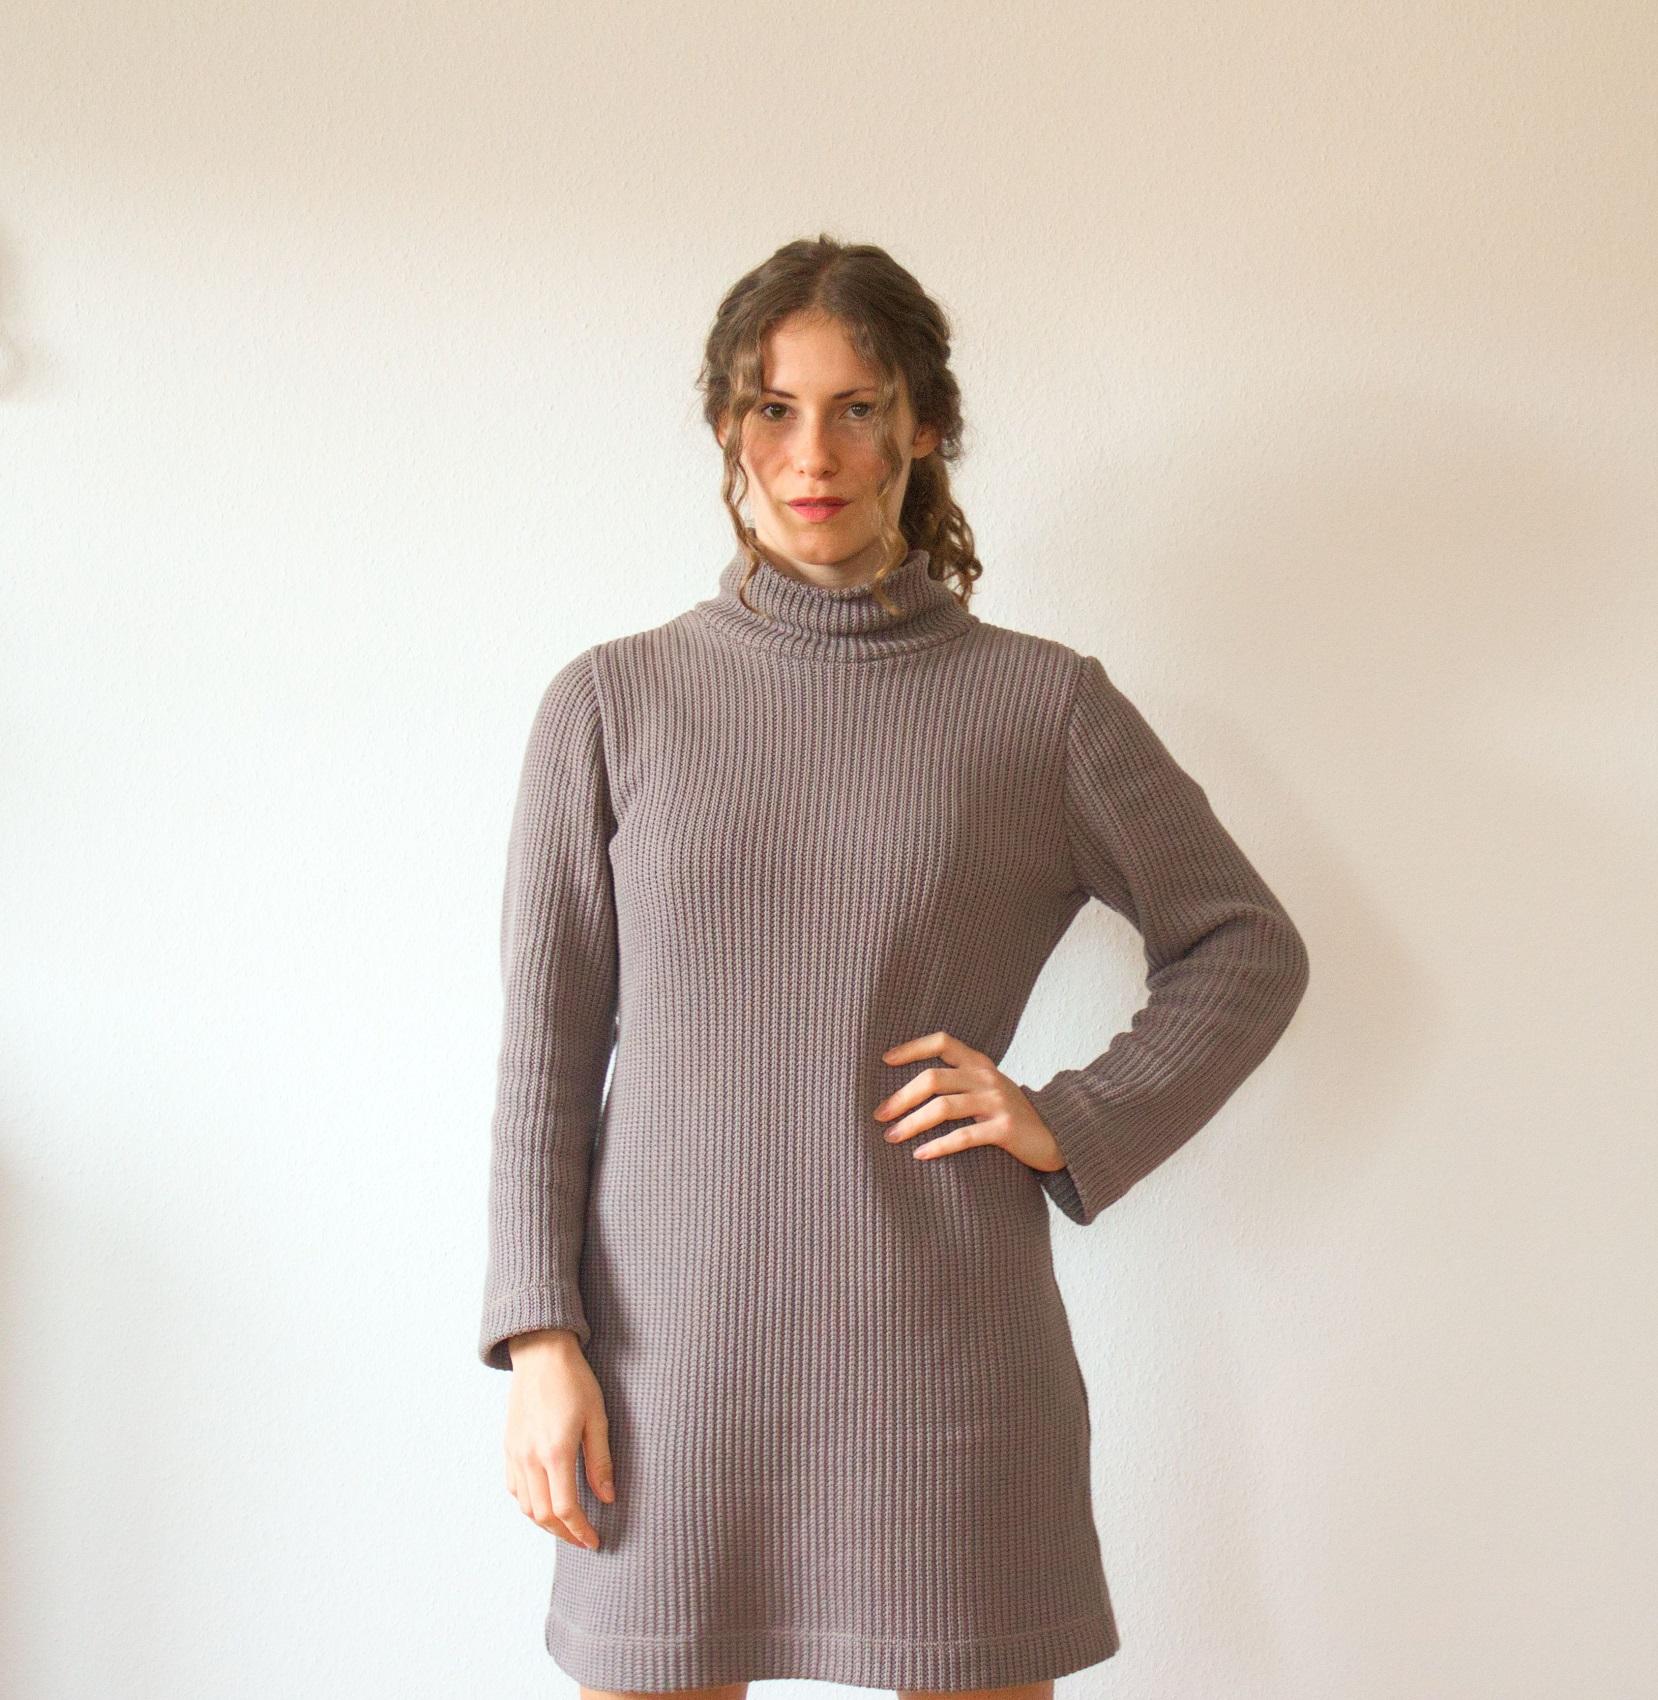 Schnittmuster Kleid Falum Do it My Wear